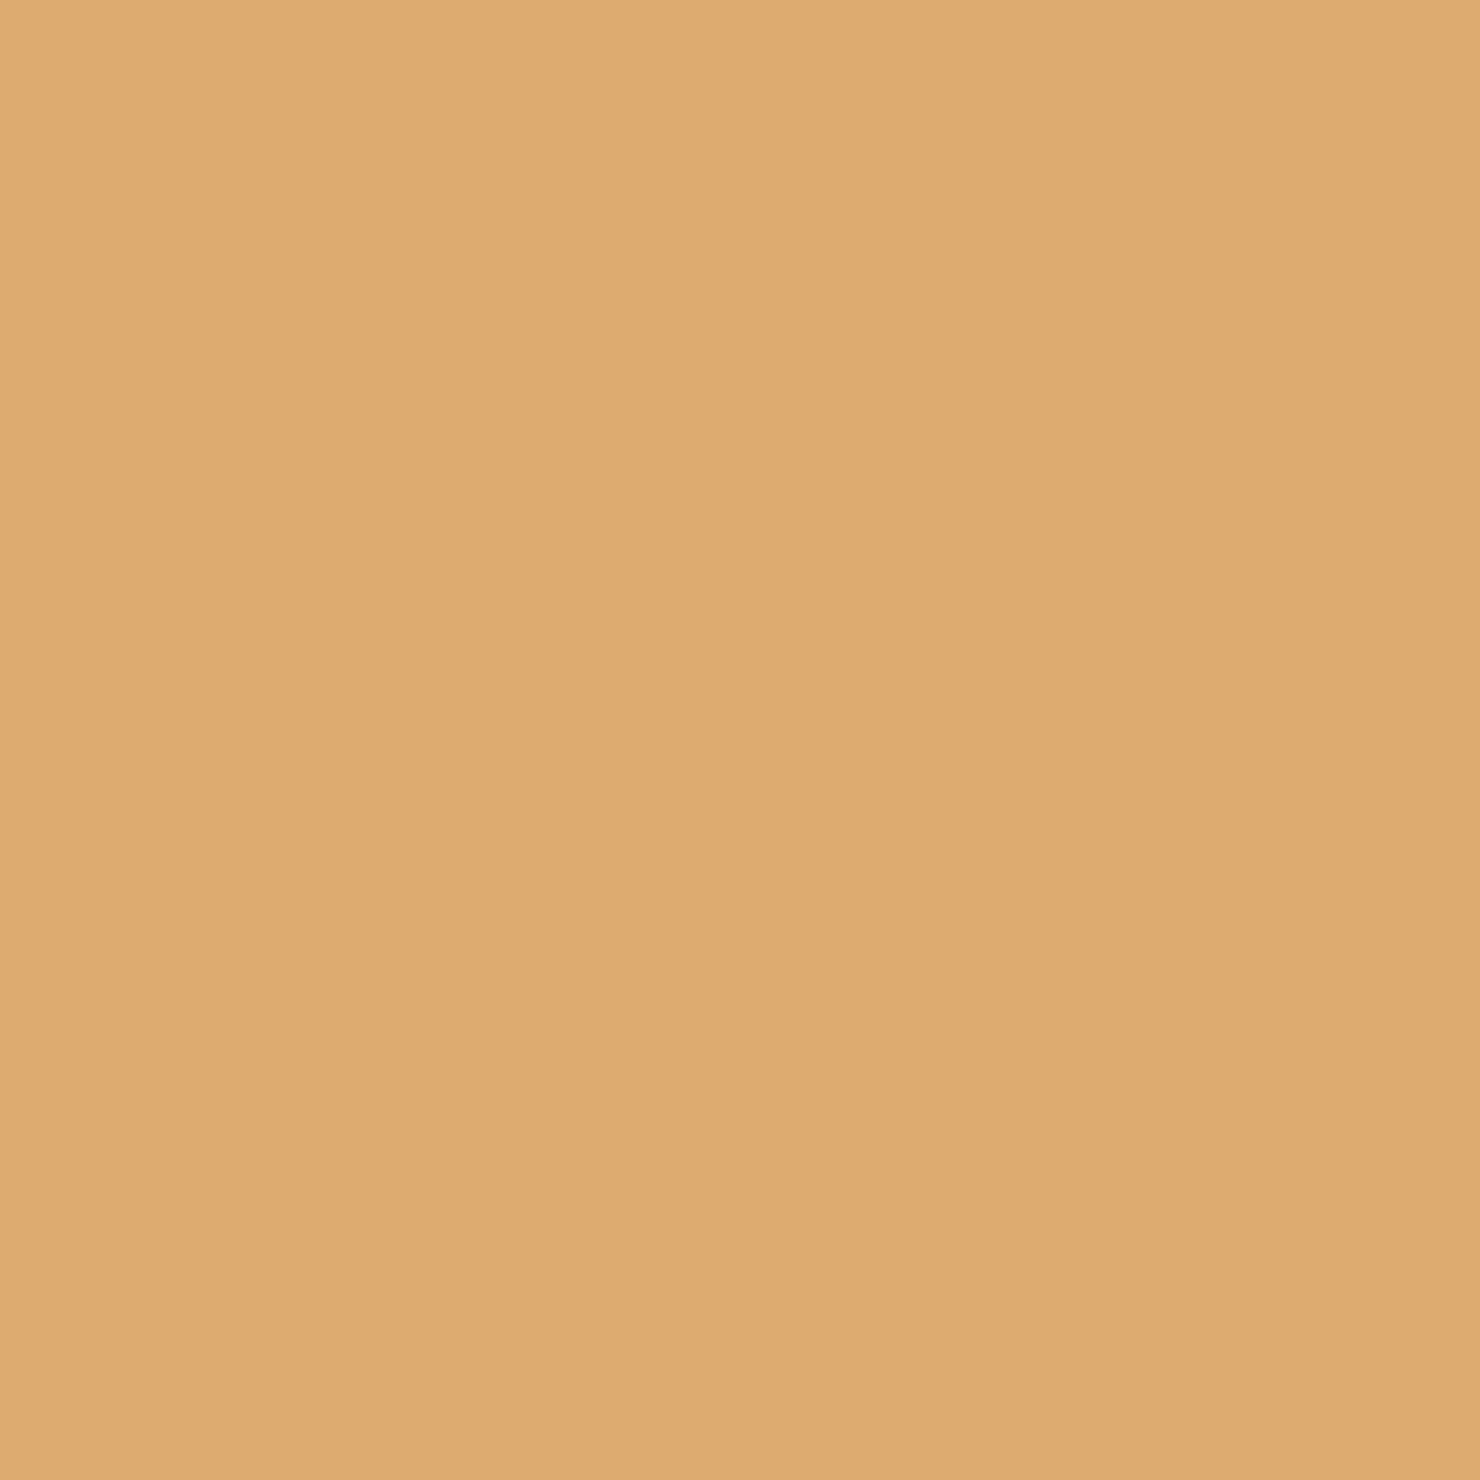 誘導値ズームインするSANMIMORE(サンミモレ化粧品) UVパクト 50号ライトオークル (レフィル 替パフ付)